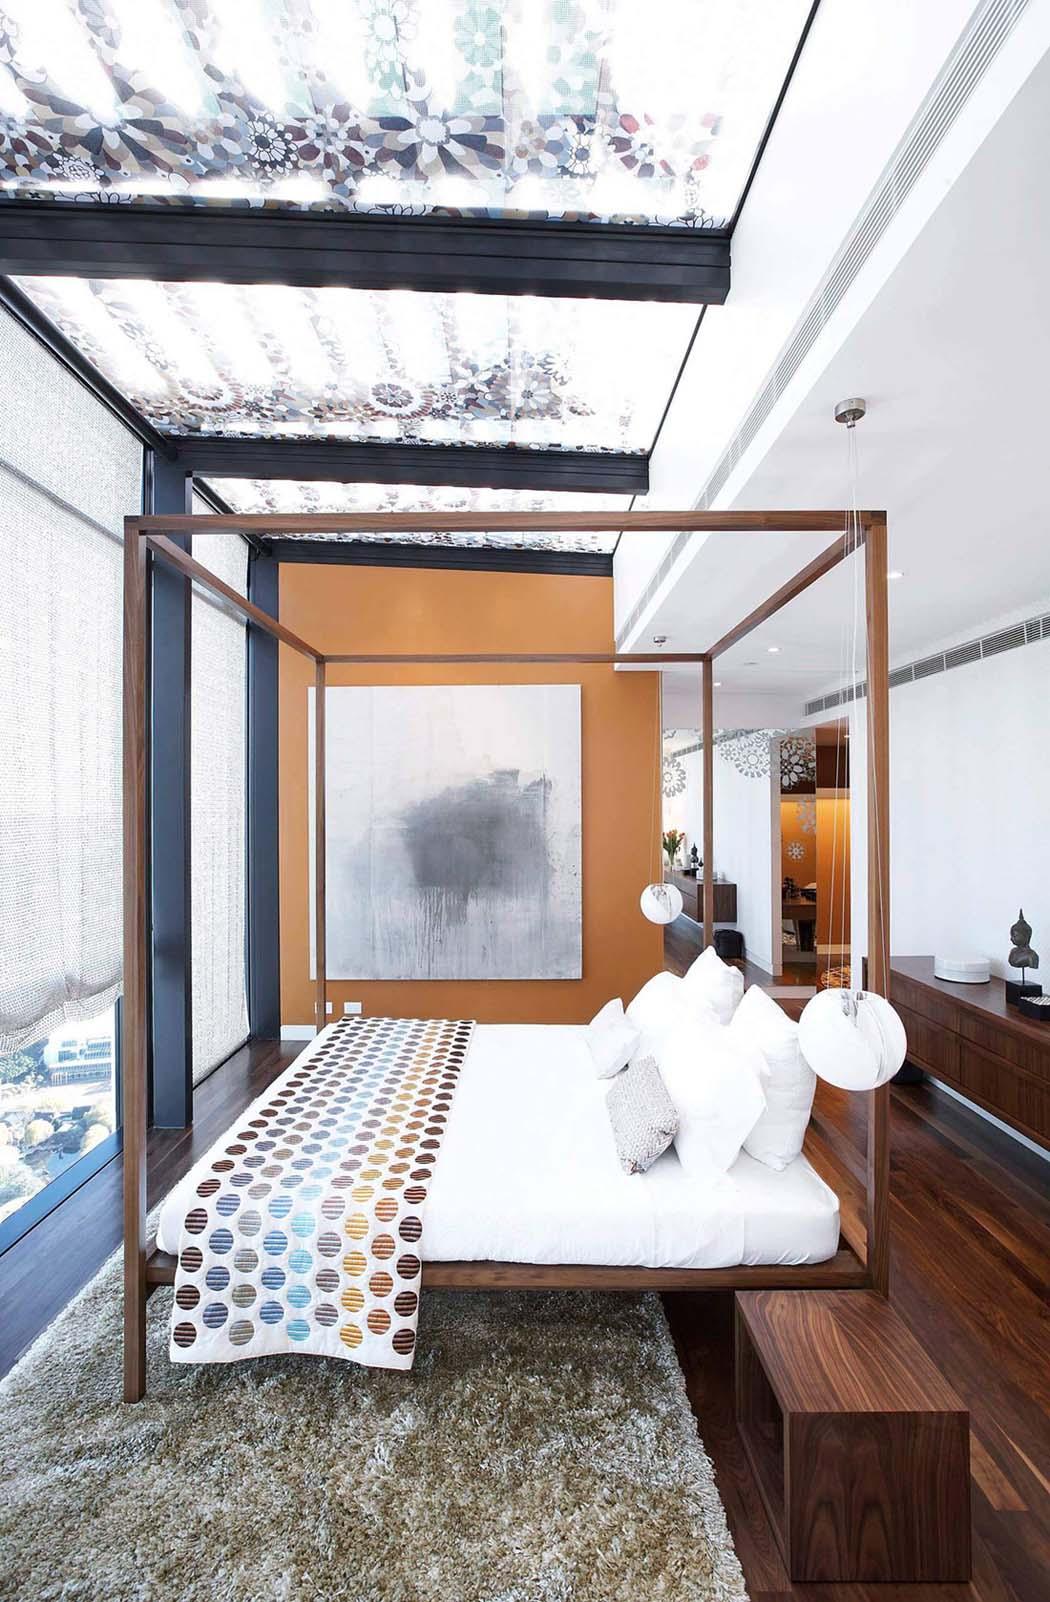 Penthouse luxe sydney avec design int rieur minimaliste - Decoration interieur appartement minimliste kiev ...